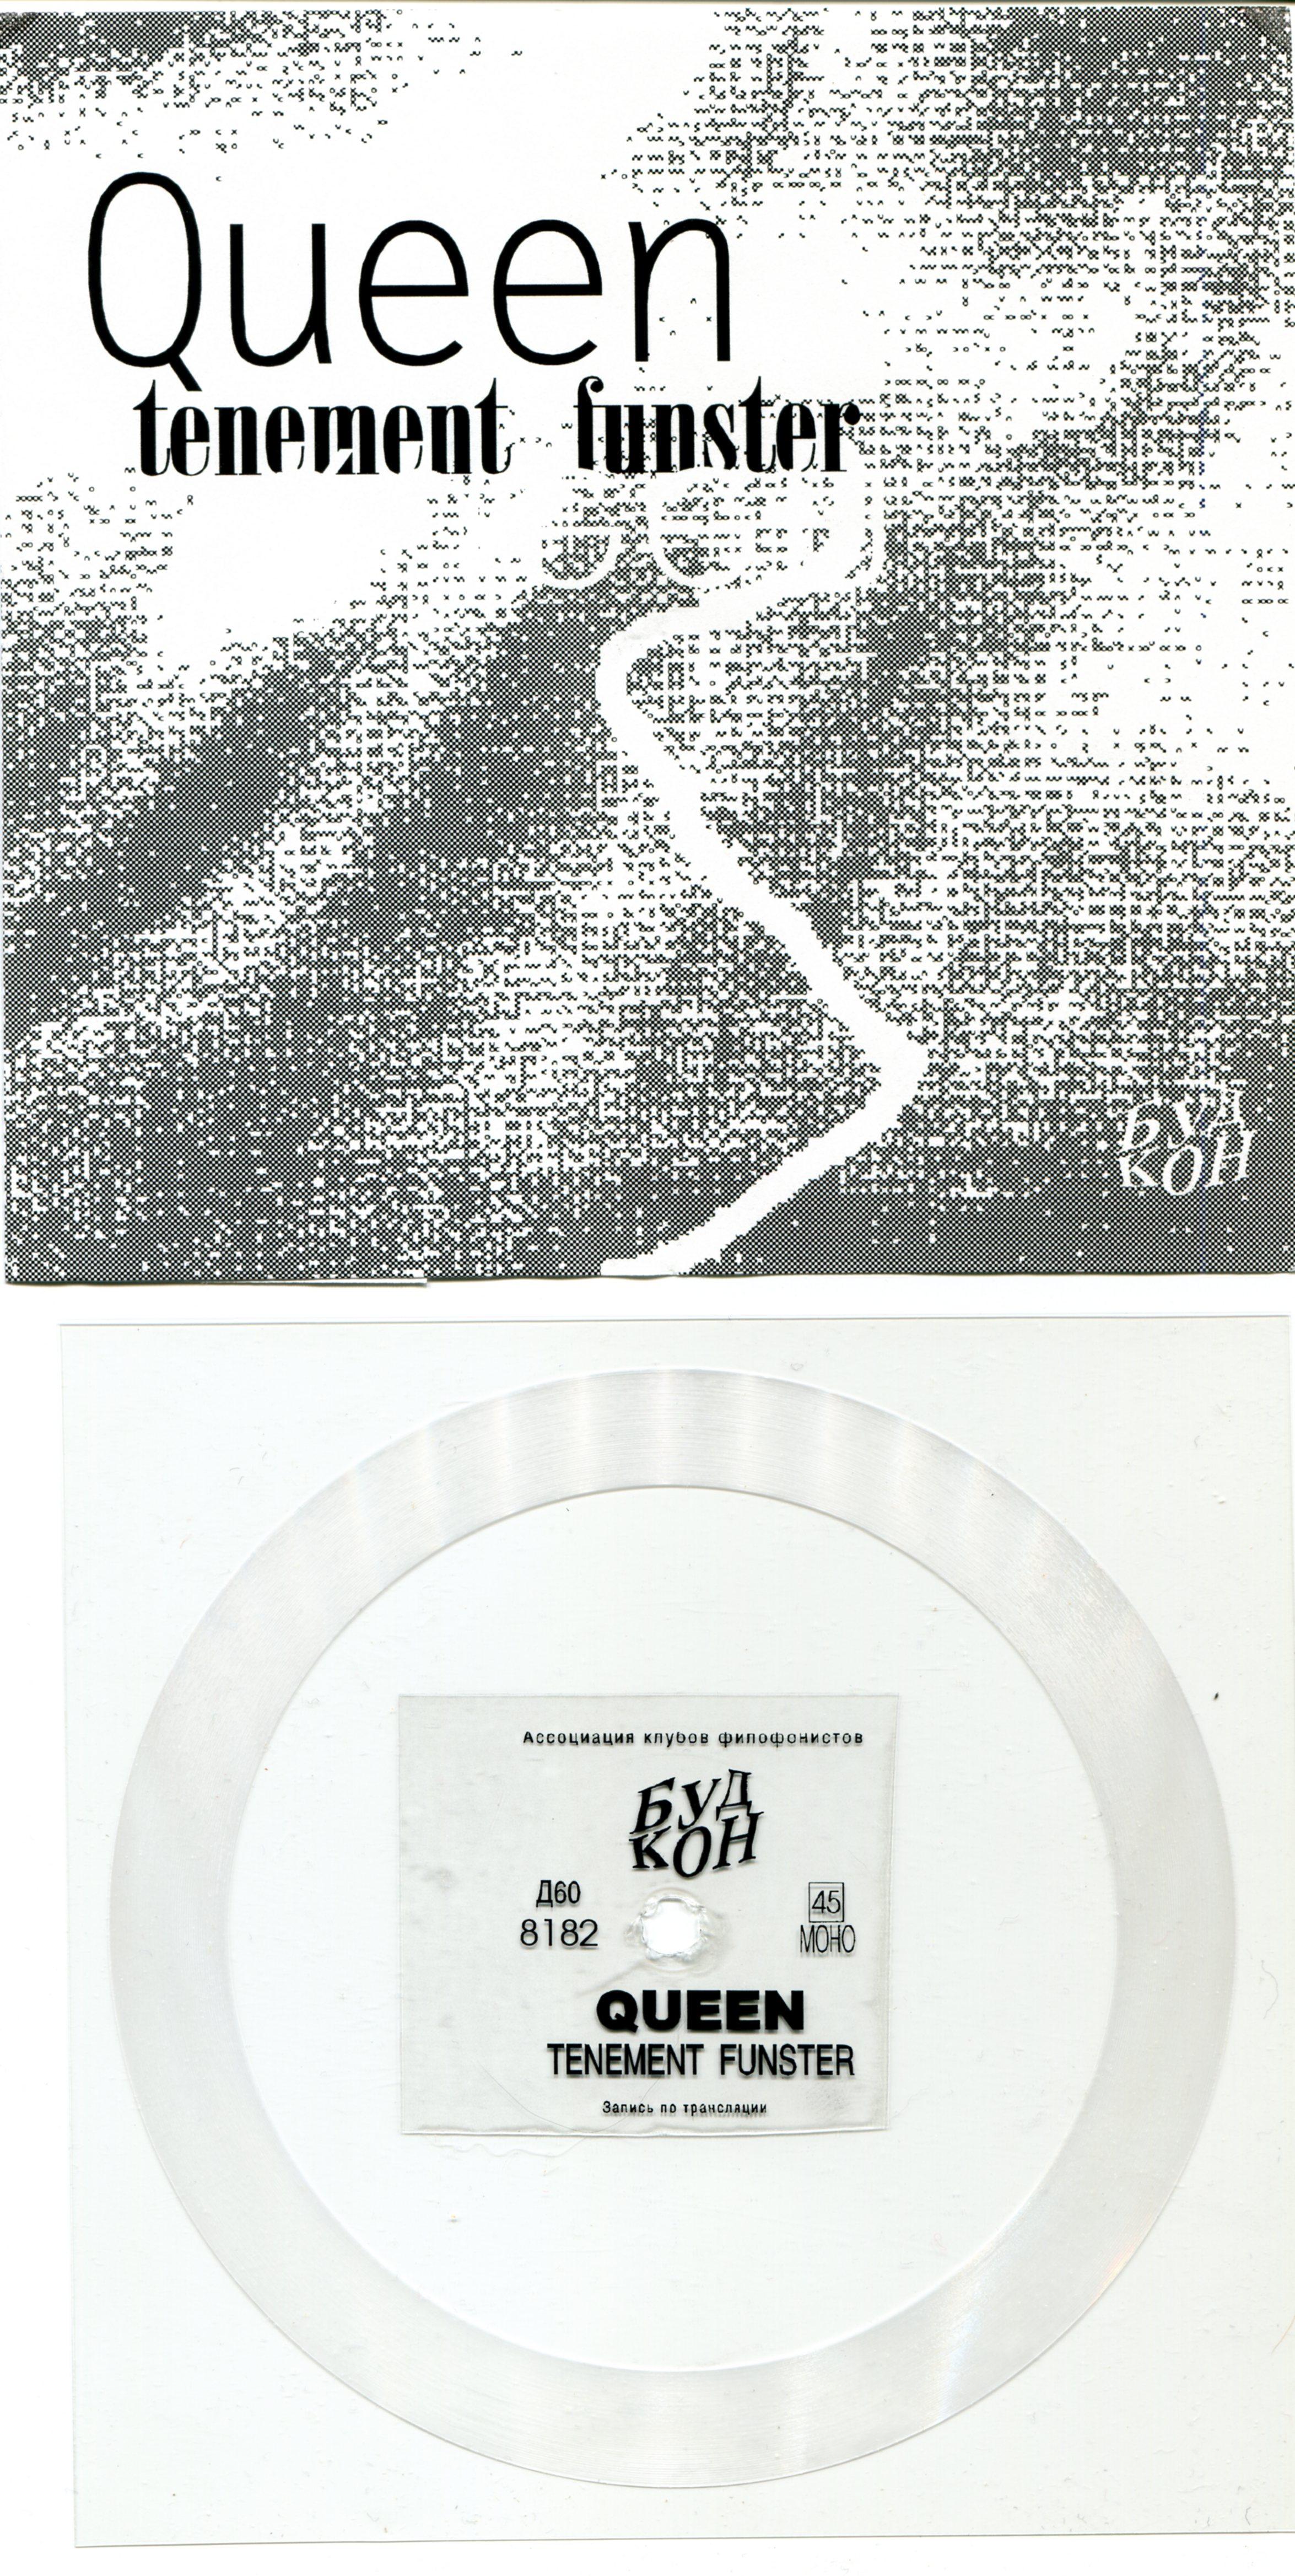 Russian 6 Flexy Disc Bya Koh Queenvinyls Com